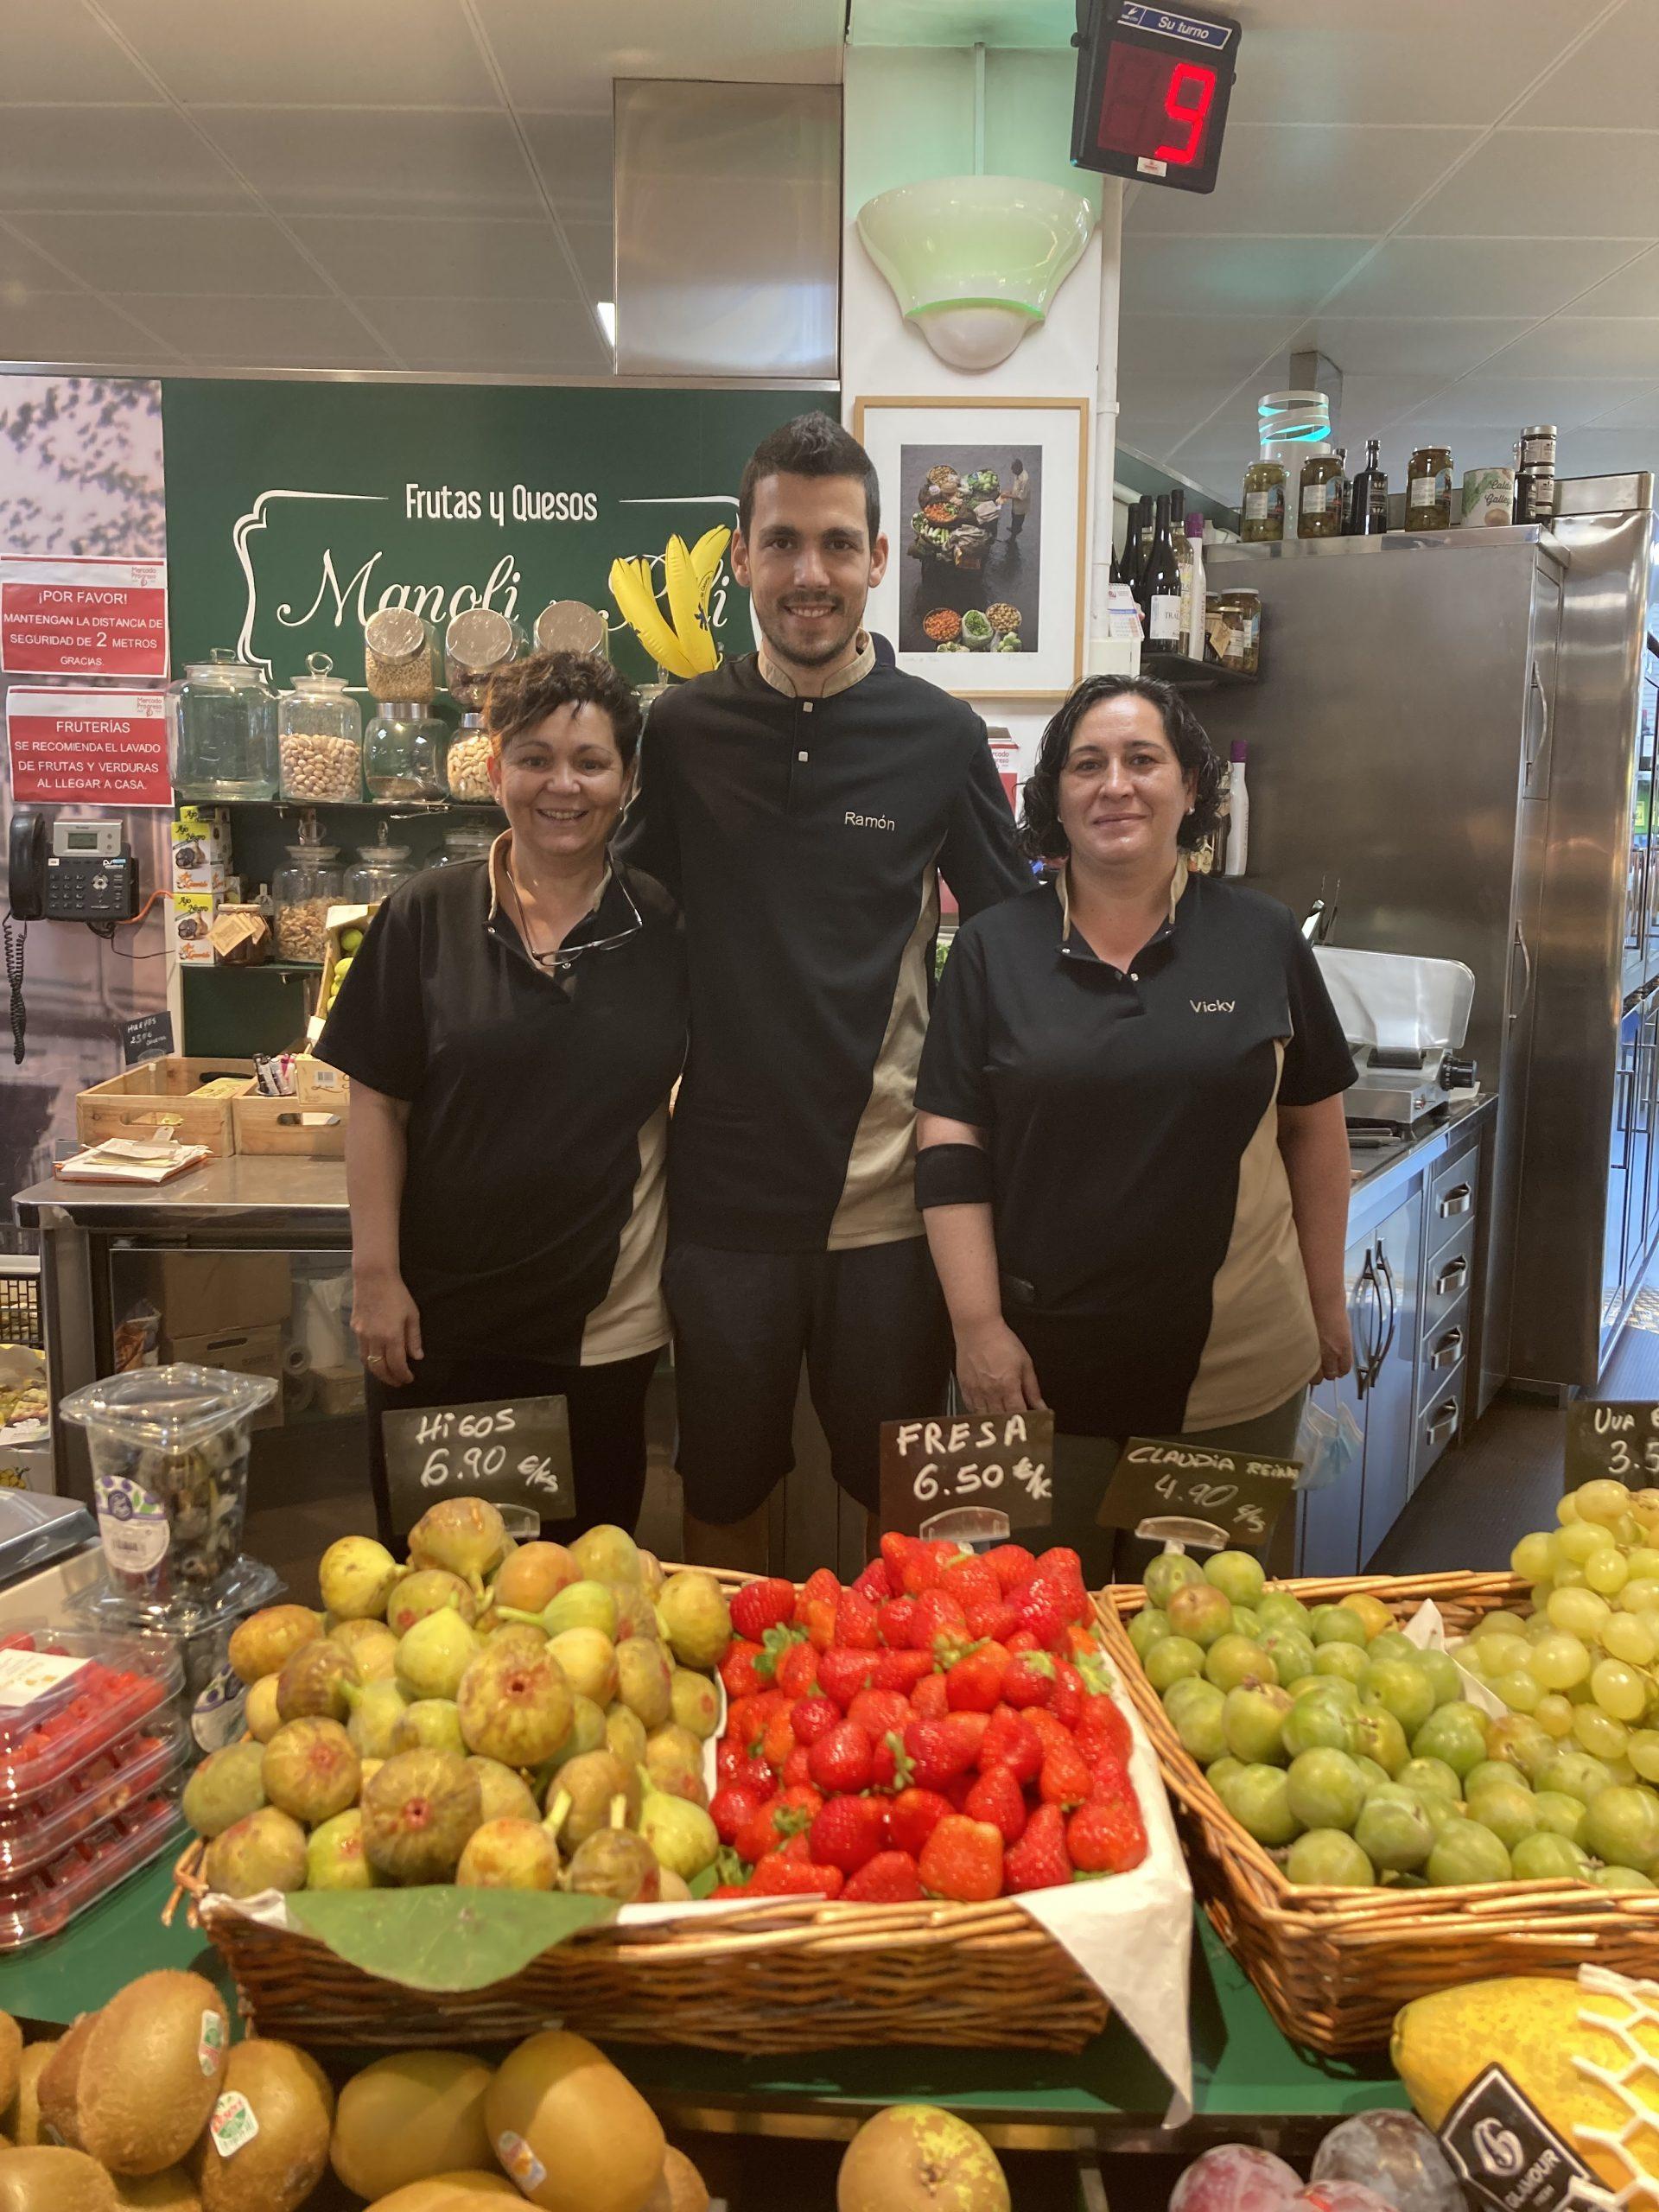 Frutas y Quesos Manoli y Pili - Mercado Progreso Vigo